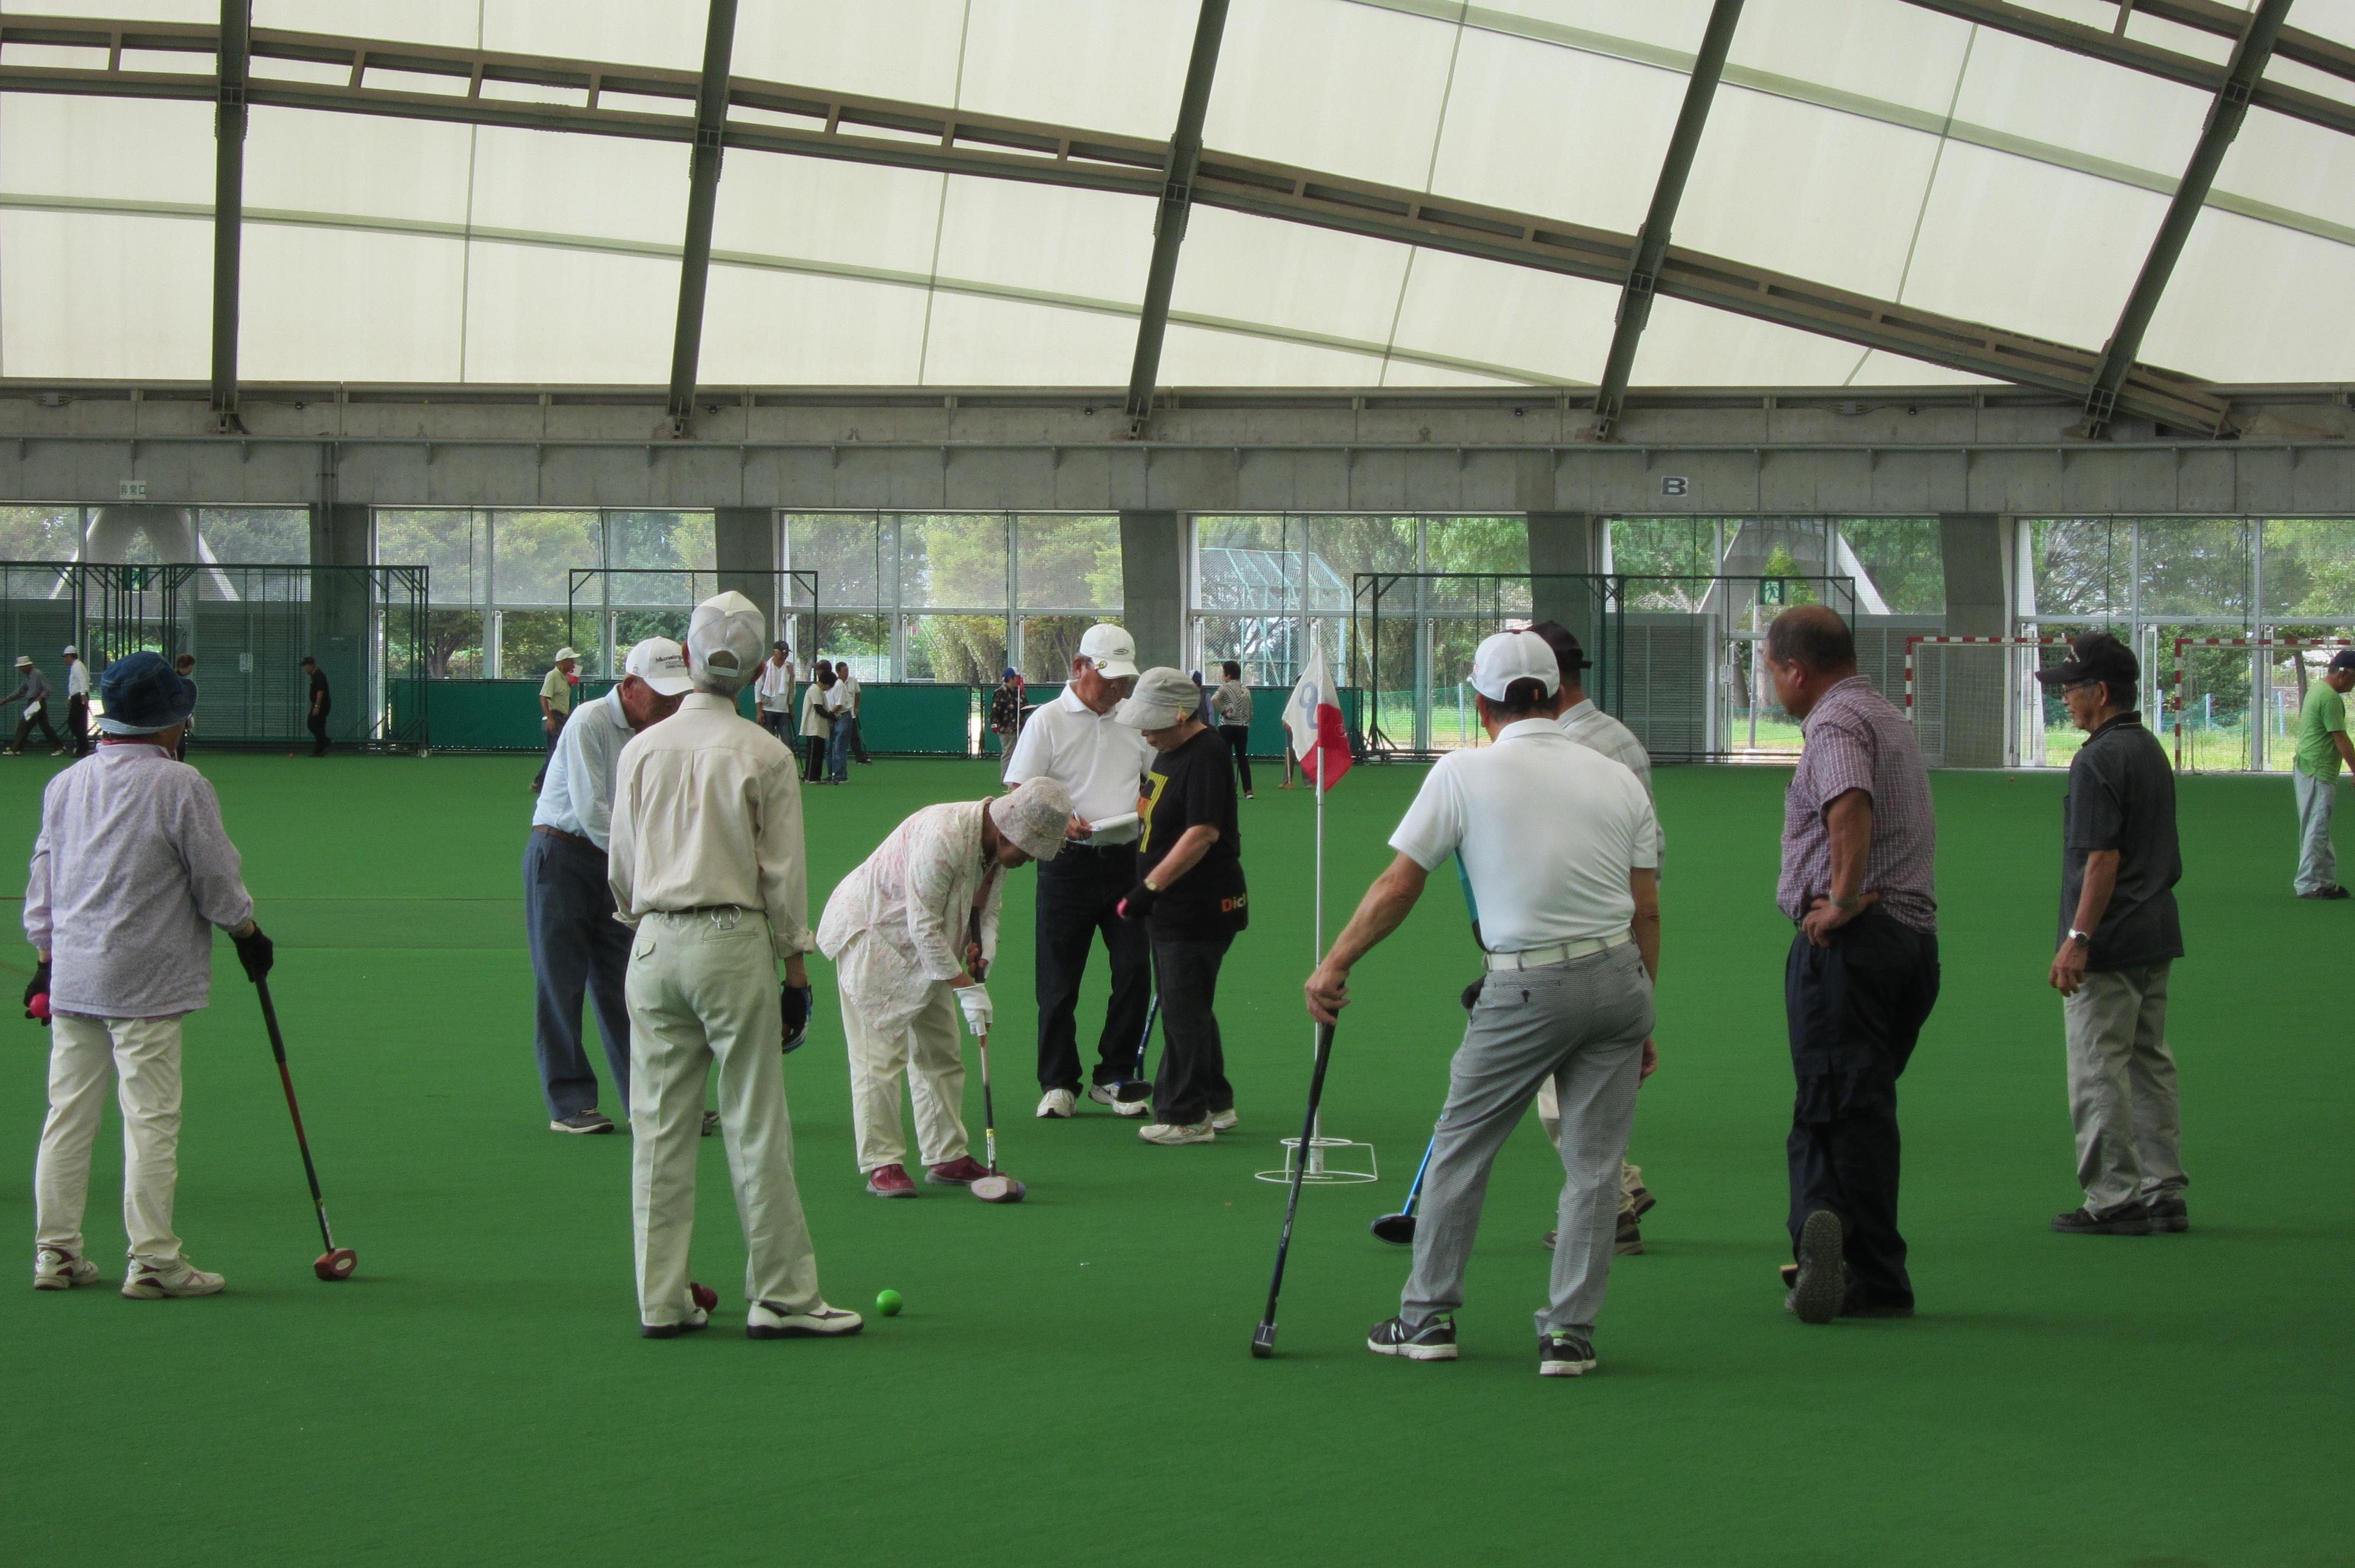 平成28年度グラウンド・ゴルフ大会の様子